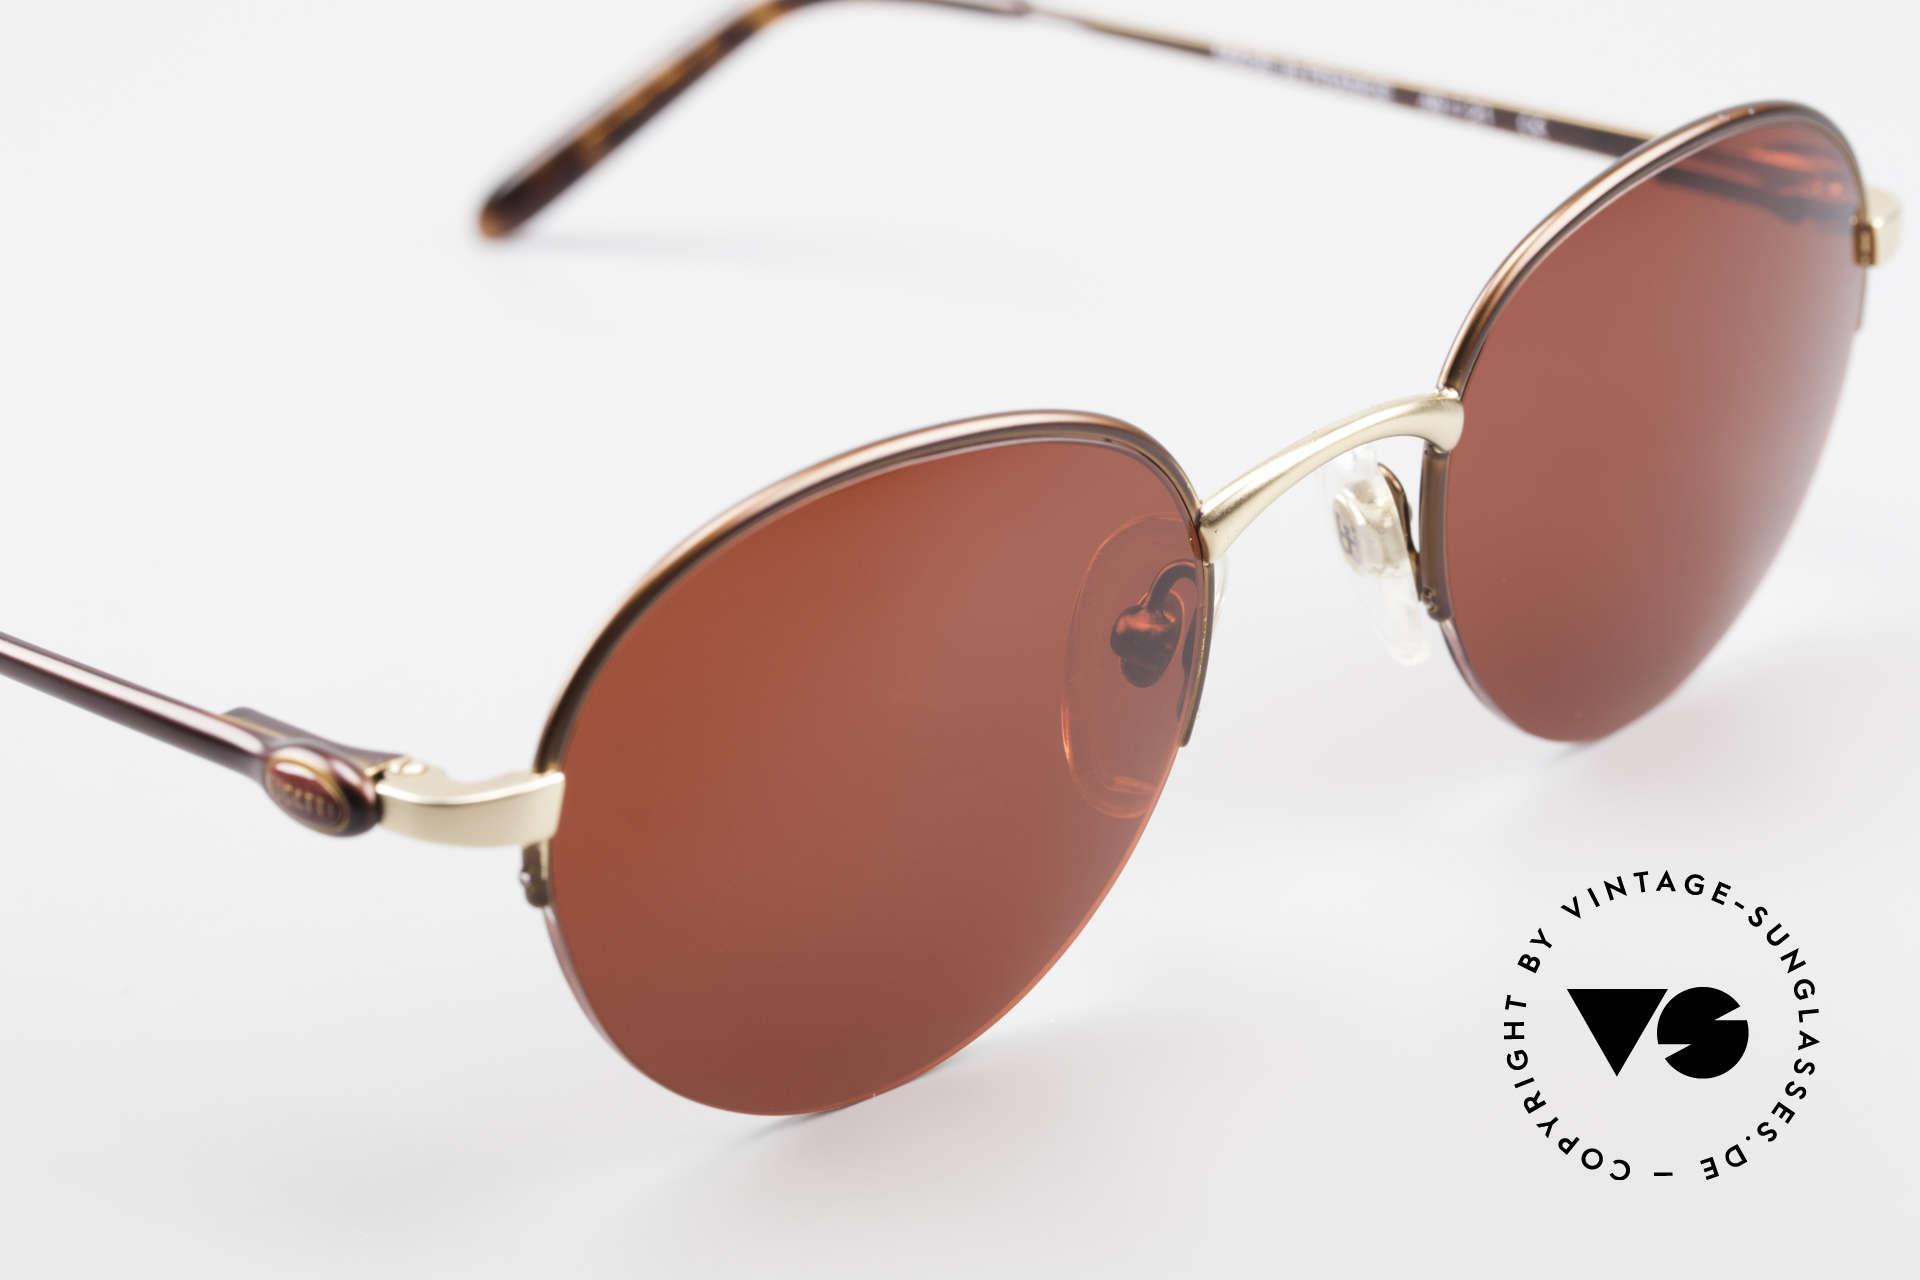 Bugatti 26619 Round Bugatti Panto Glasses, unworn (like all our rare vintage Bugatti sunglasses), Made for Men